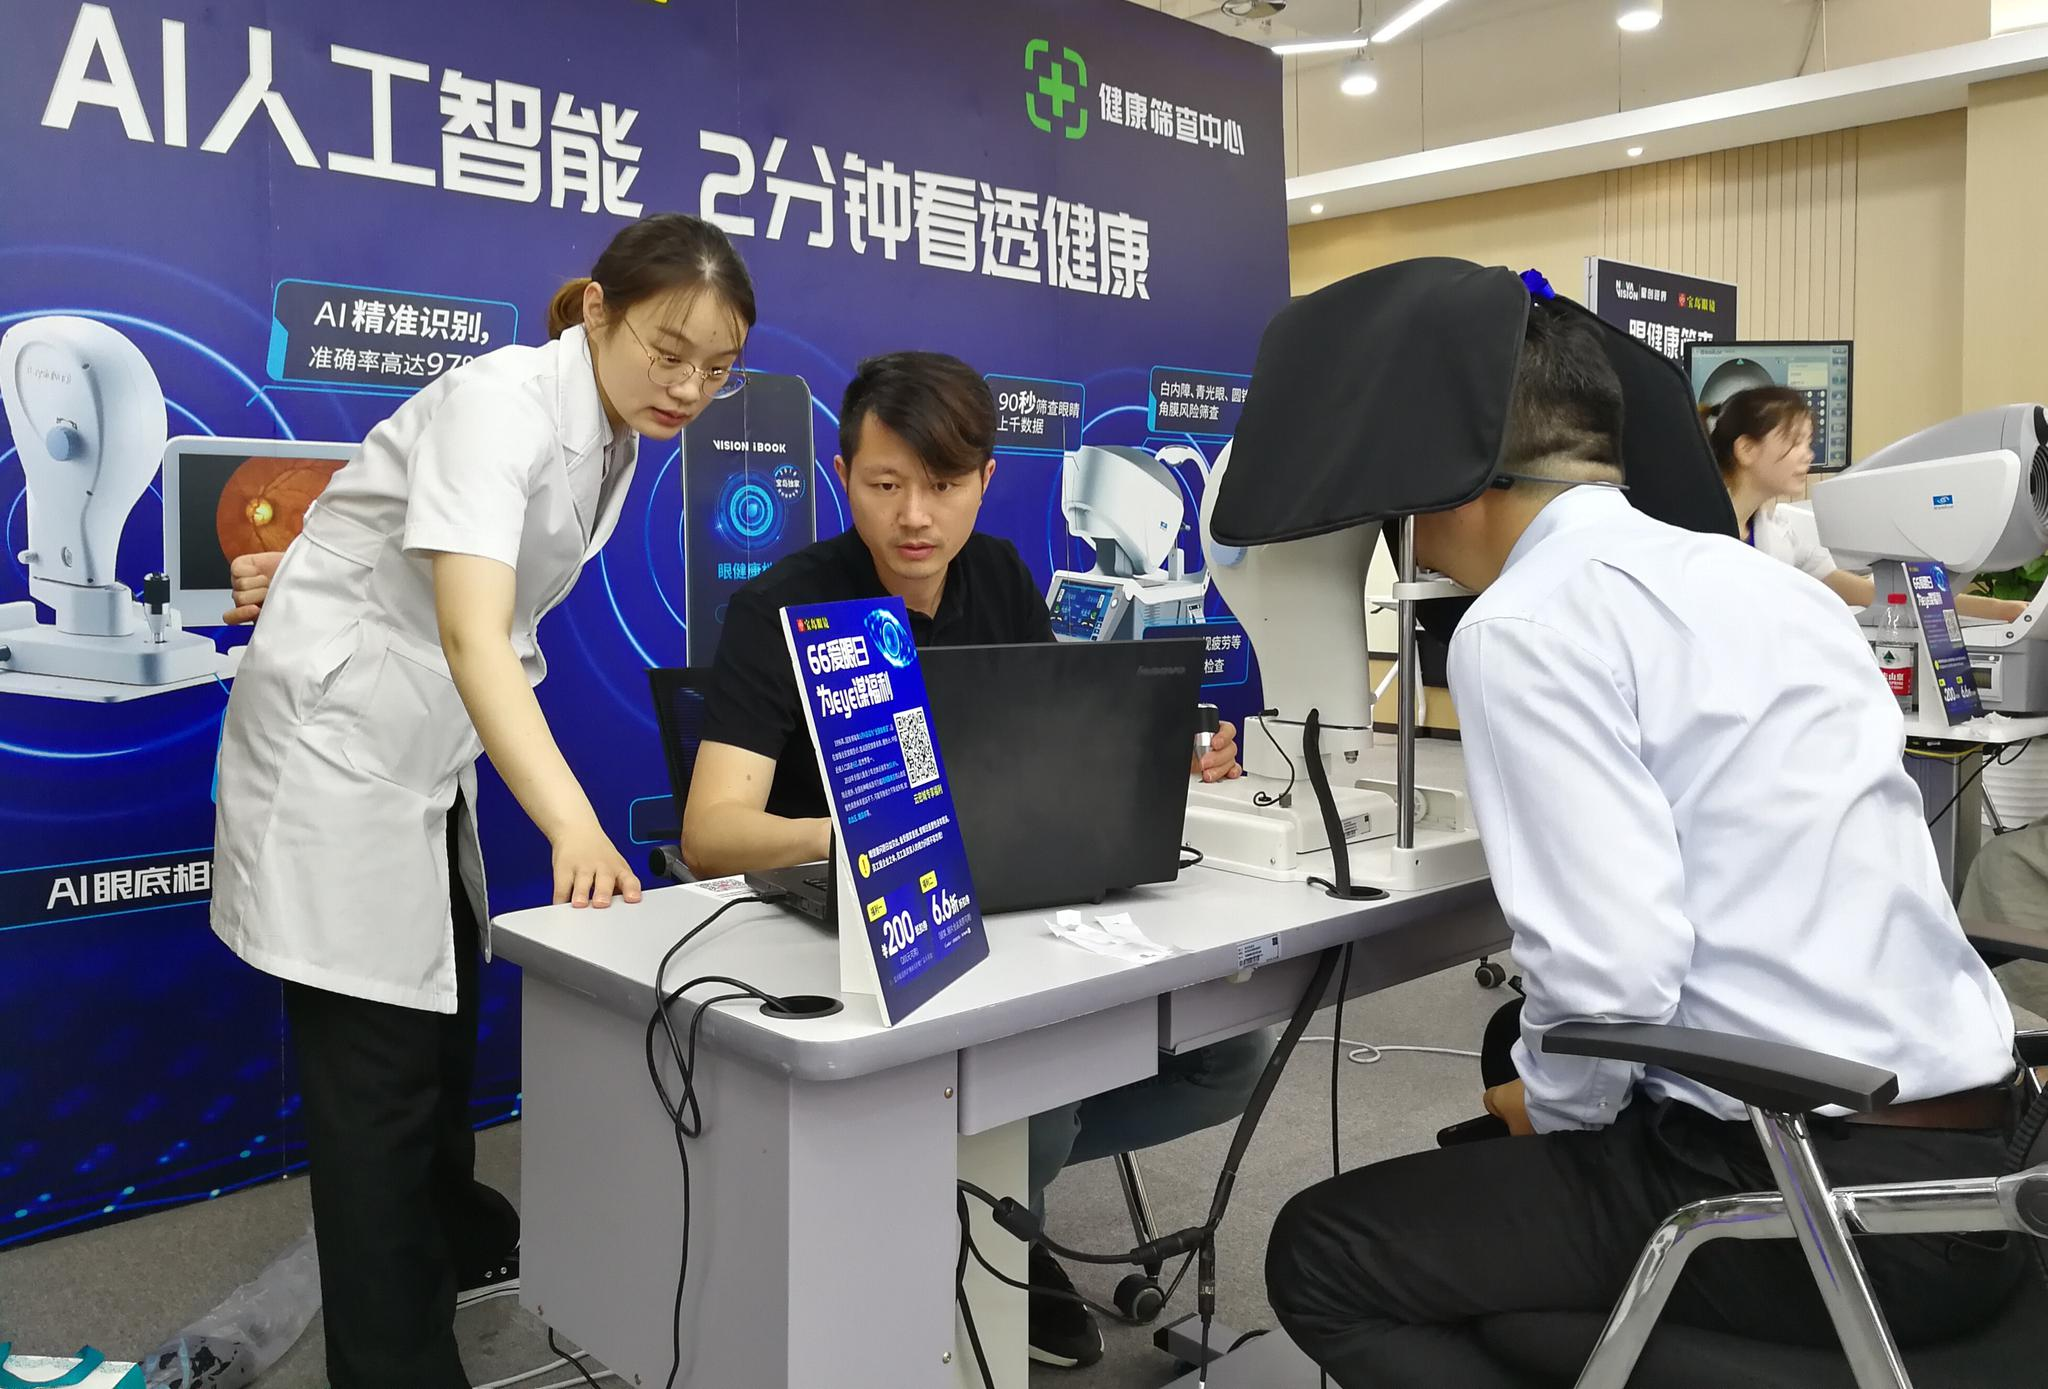 让视界充满爱 南京软件谷关爱IT人员眼睛健康